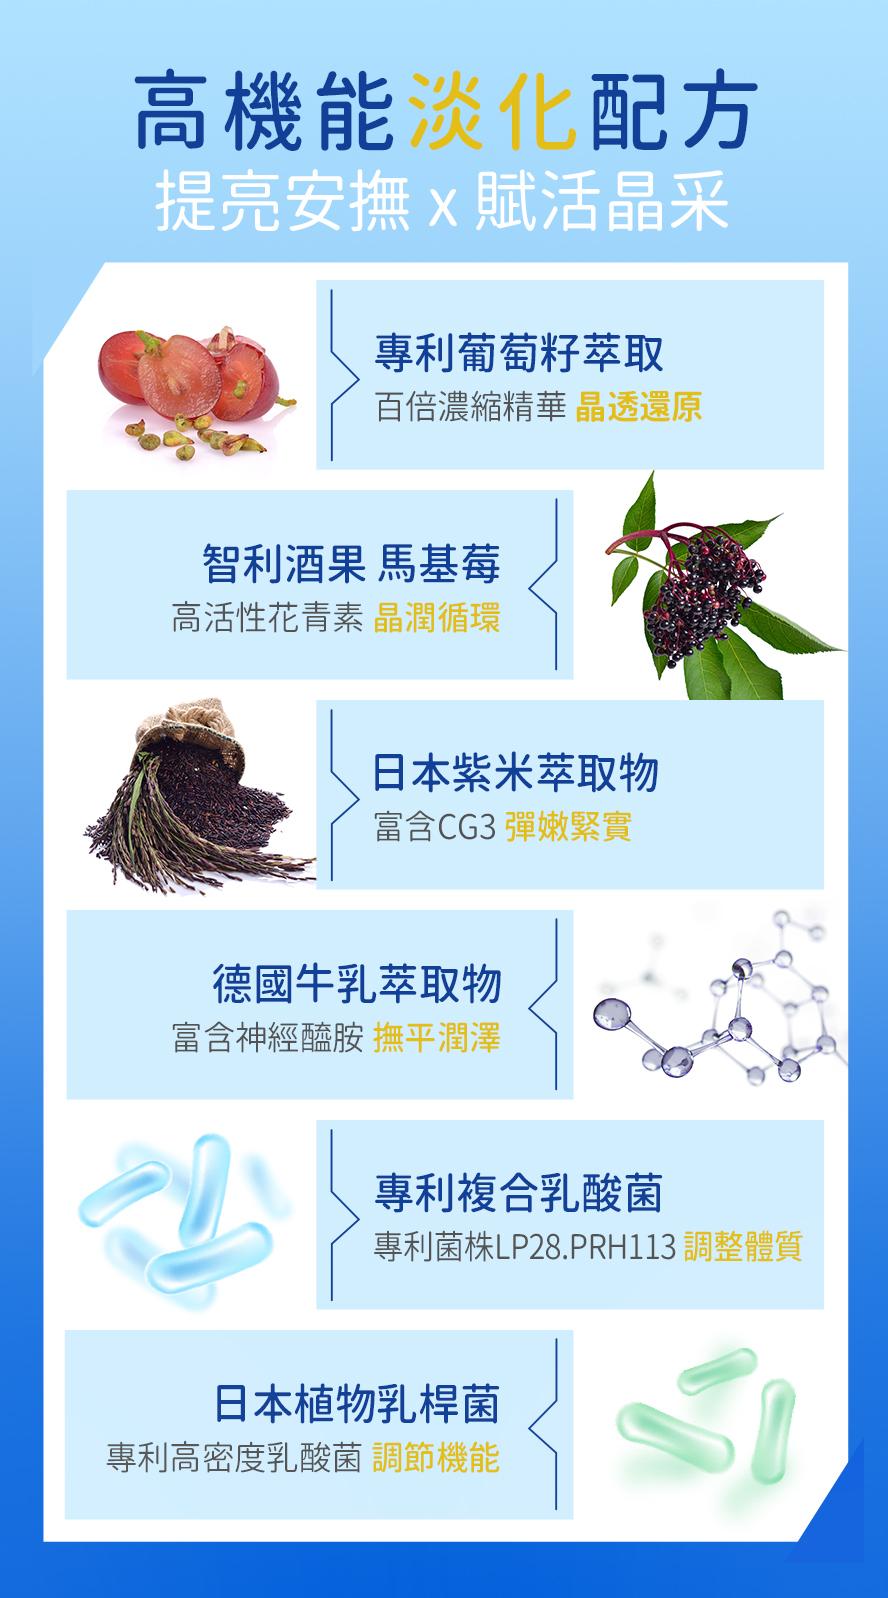 BHK's逆夜EX膠囊主成分為專利葡萄籽、智利酒果、神經醯胺、日本紫米,提亮眼周、改善細紋。